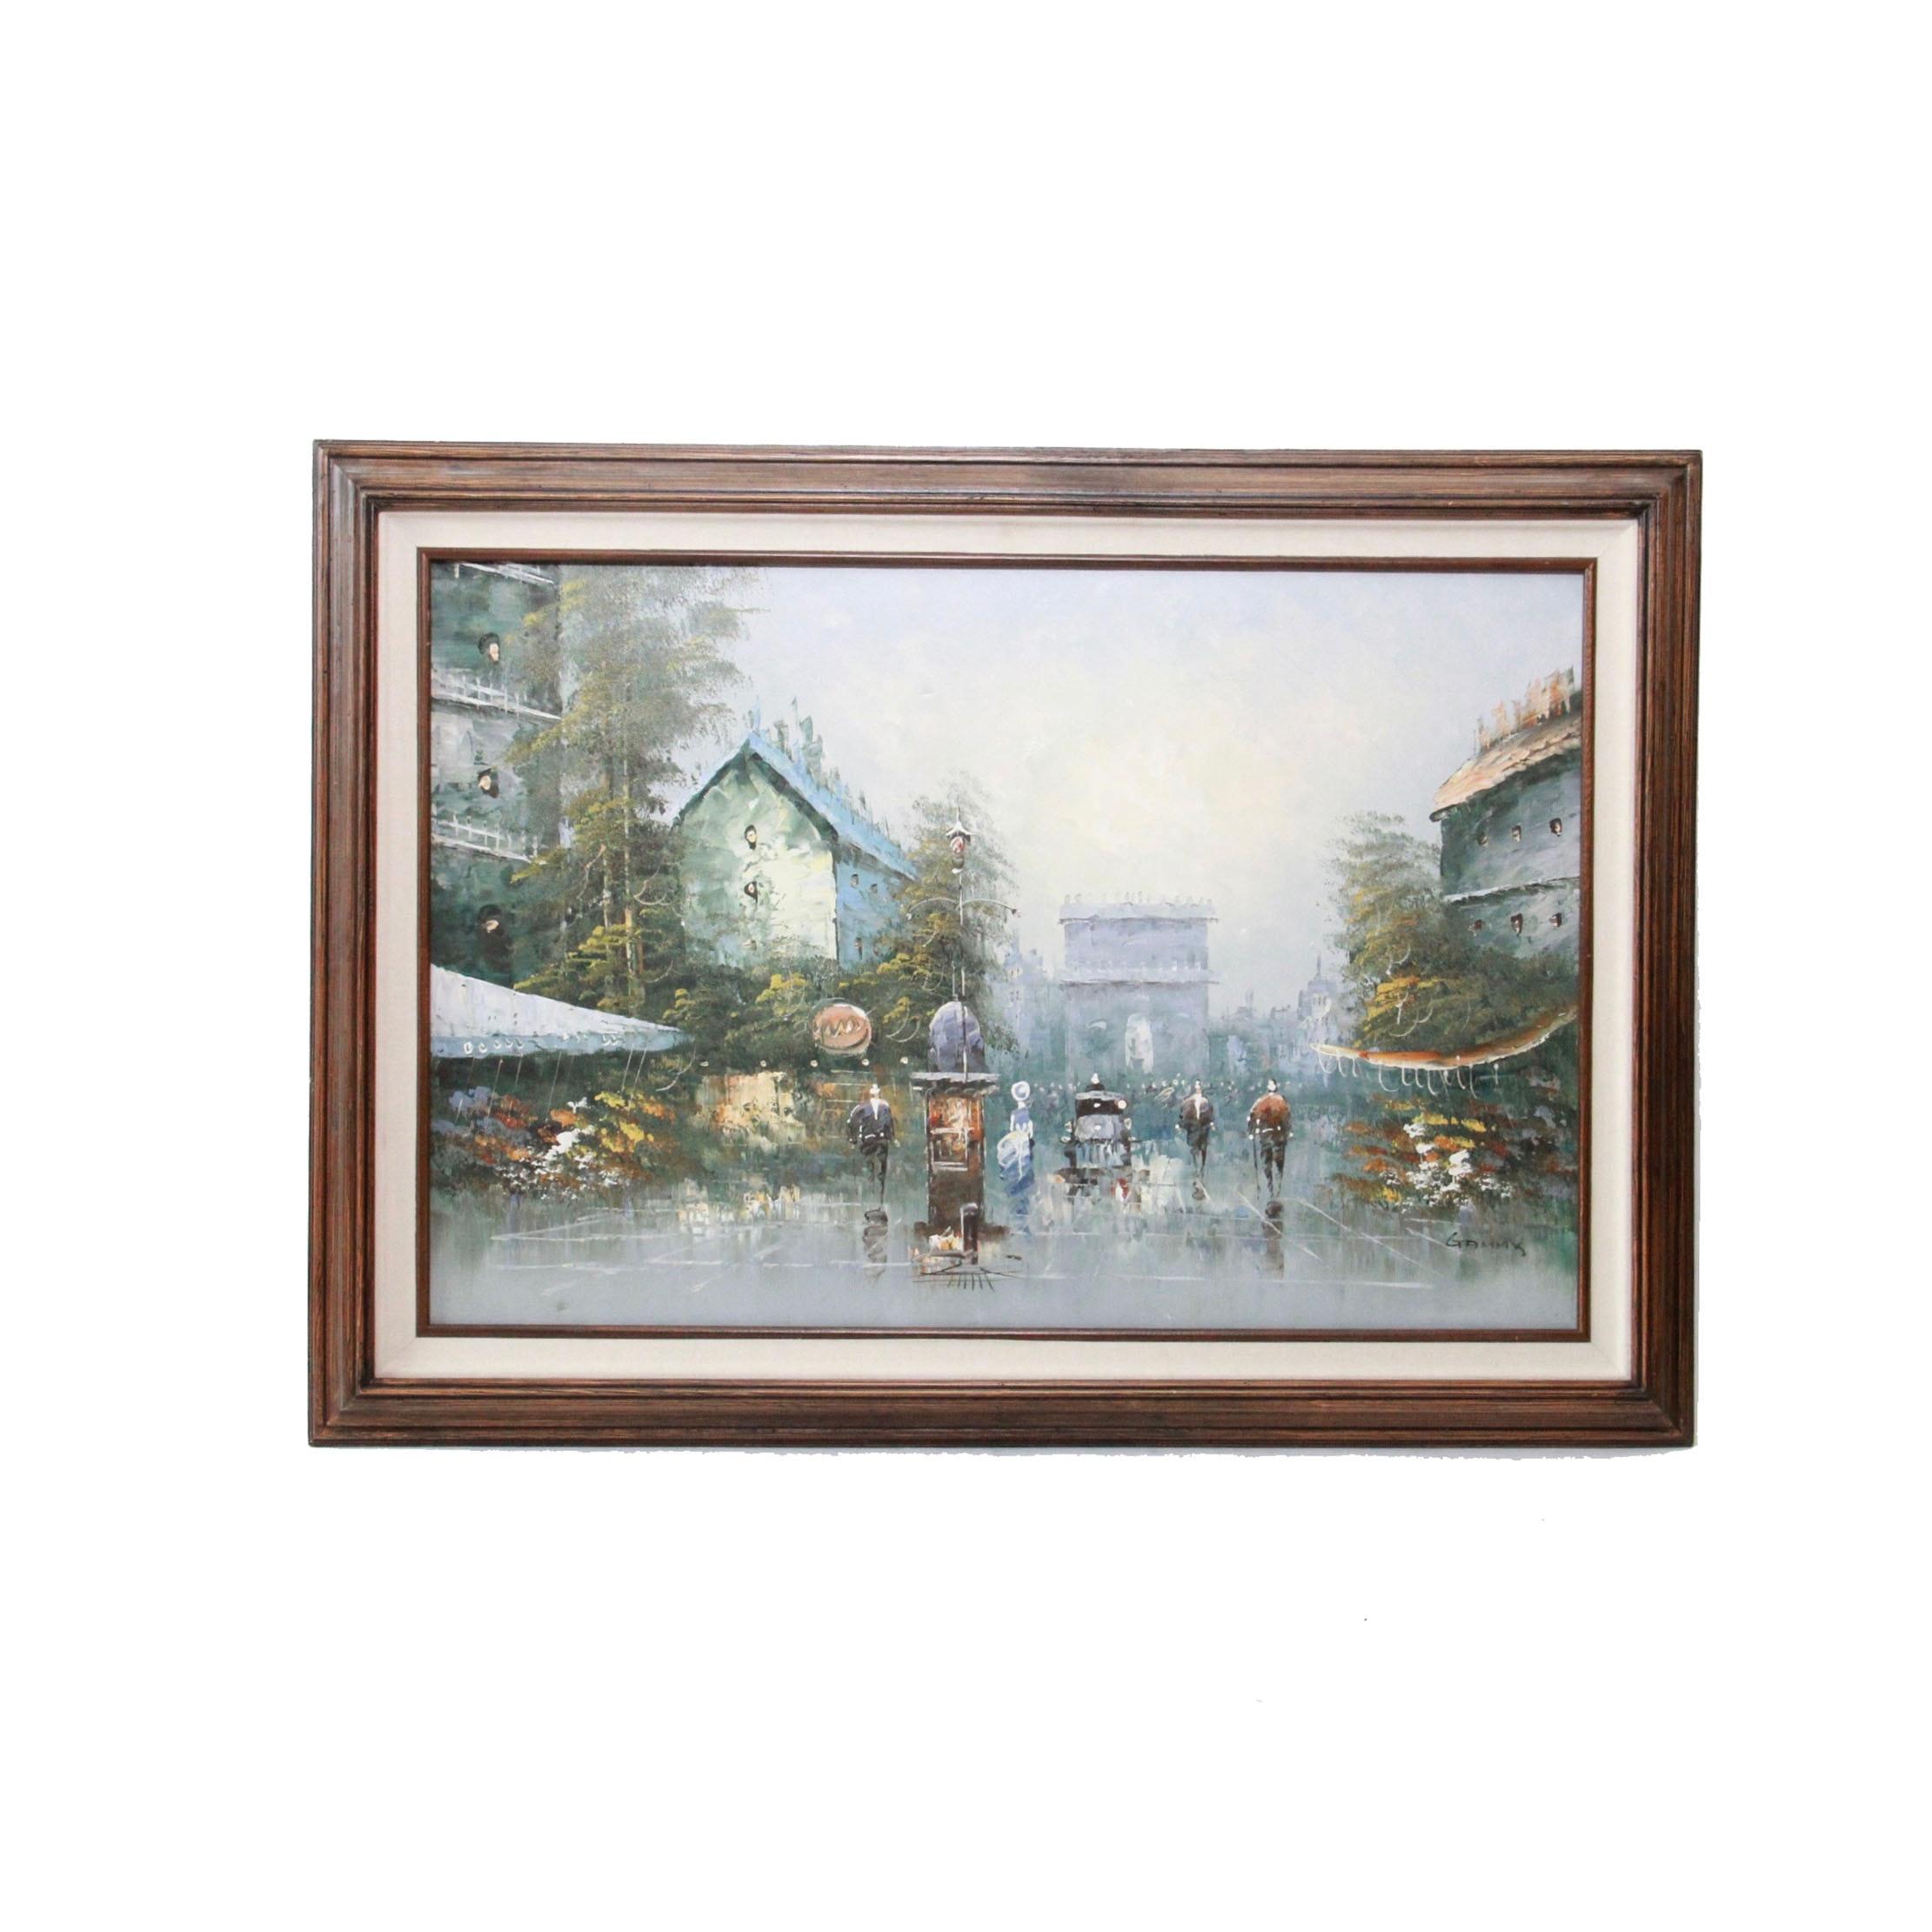 Oil Painting on Canvas of Parisian Street Scene